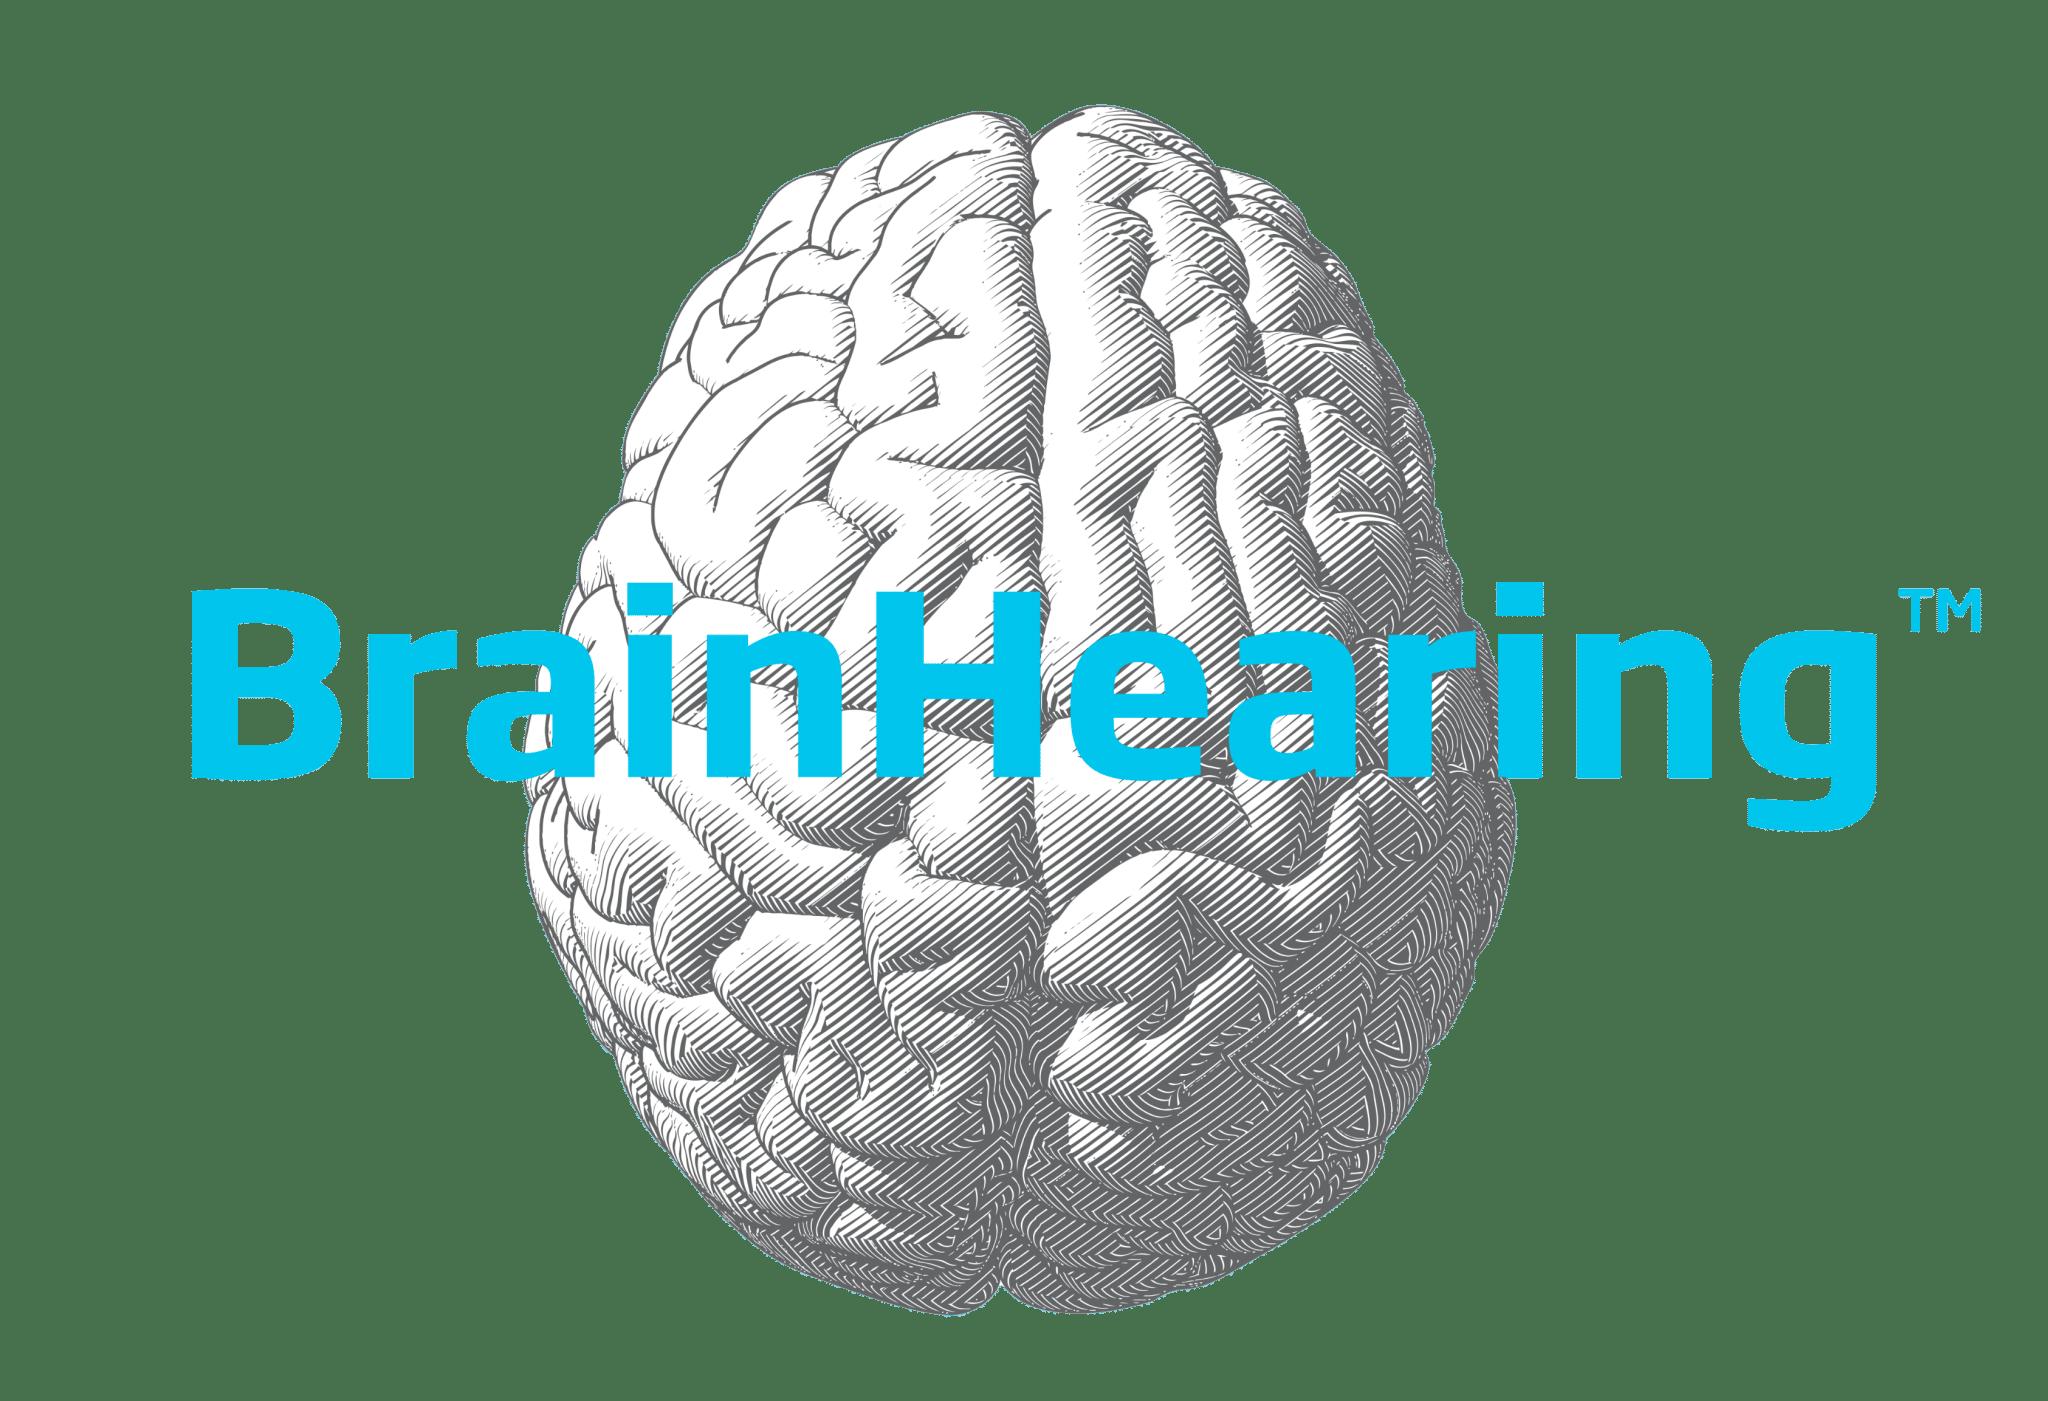 Oticon More Brain Hearing